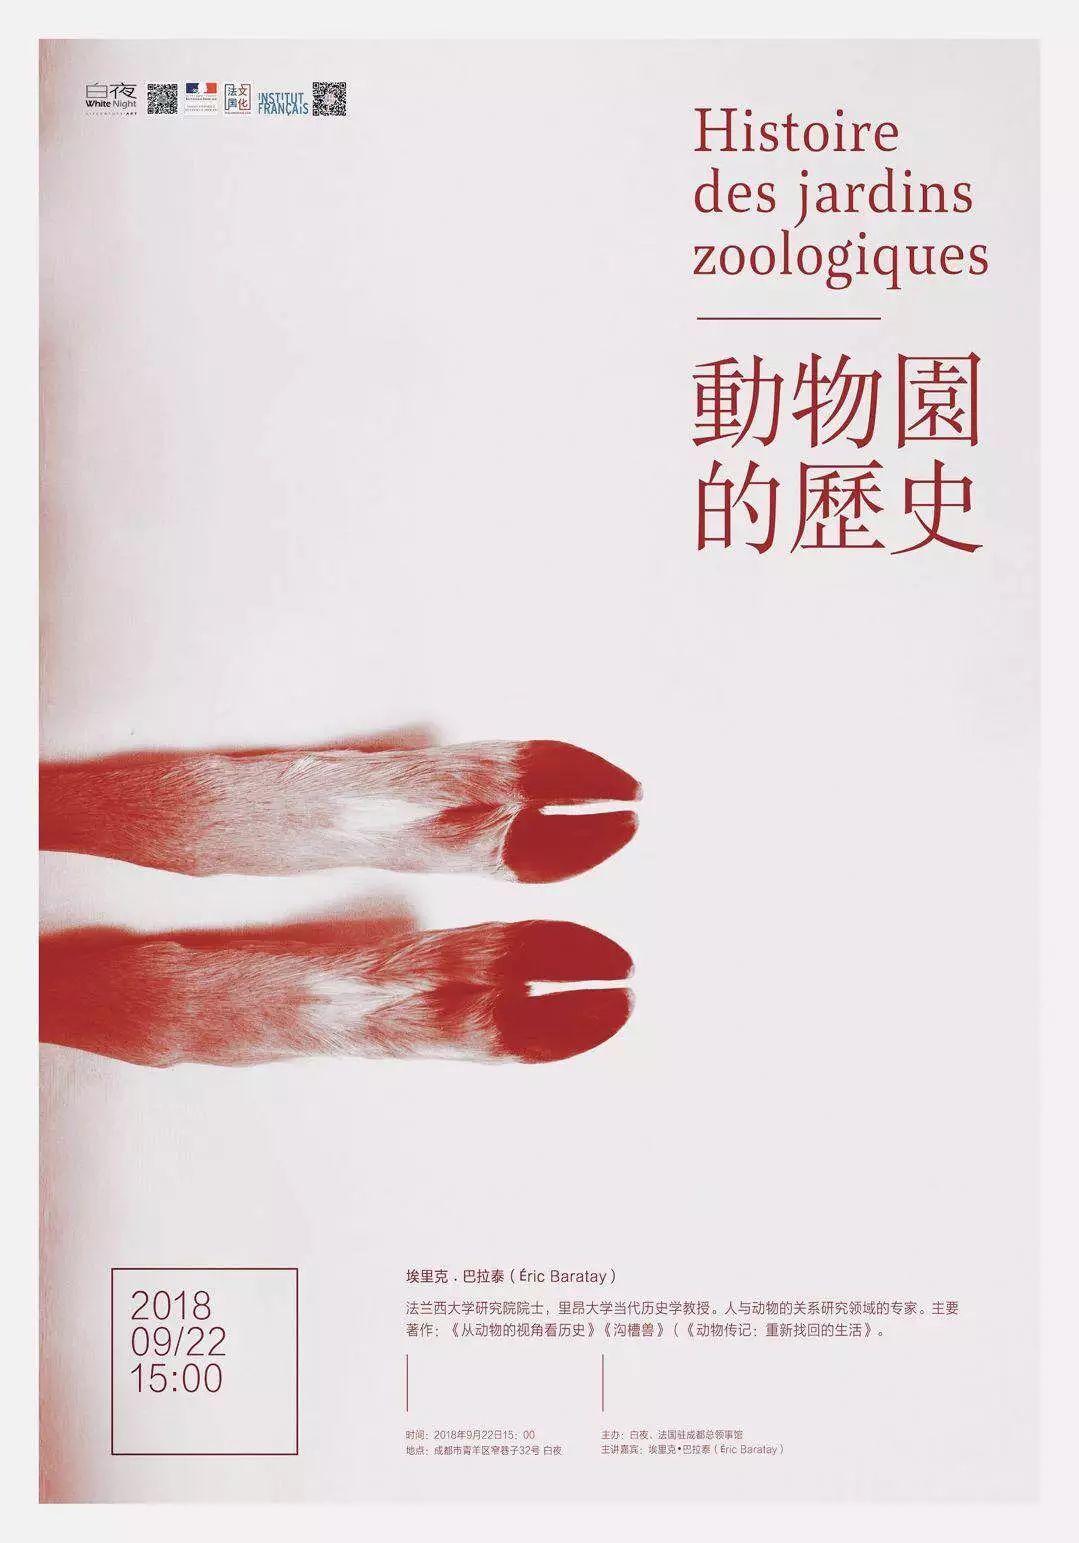 9月22日 | 紀錄歷史系列講座:動物園的歷史